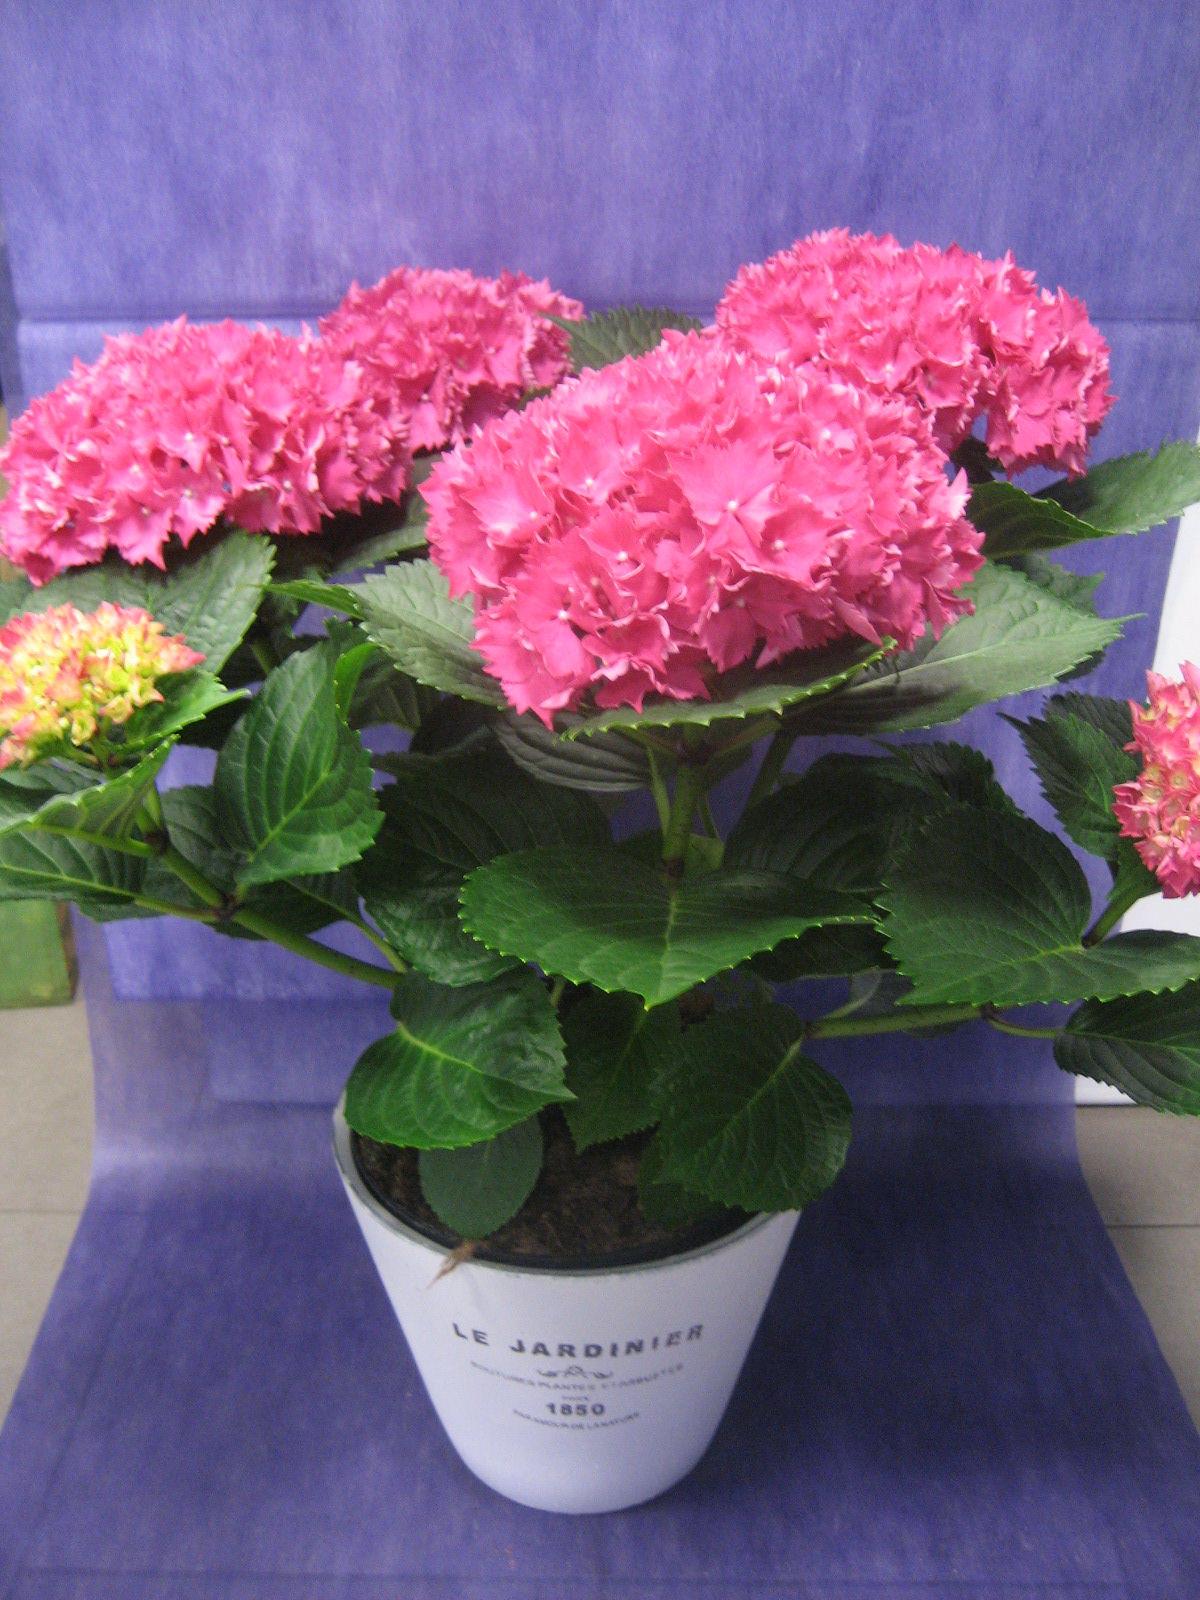 Flor de hortensia unidsbolsa hydrangea semilla flor - Semillas de hortensias ...